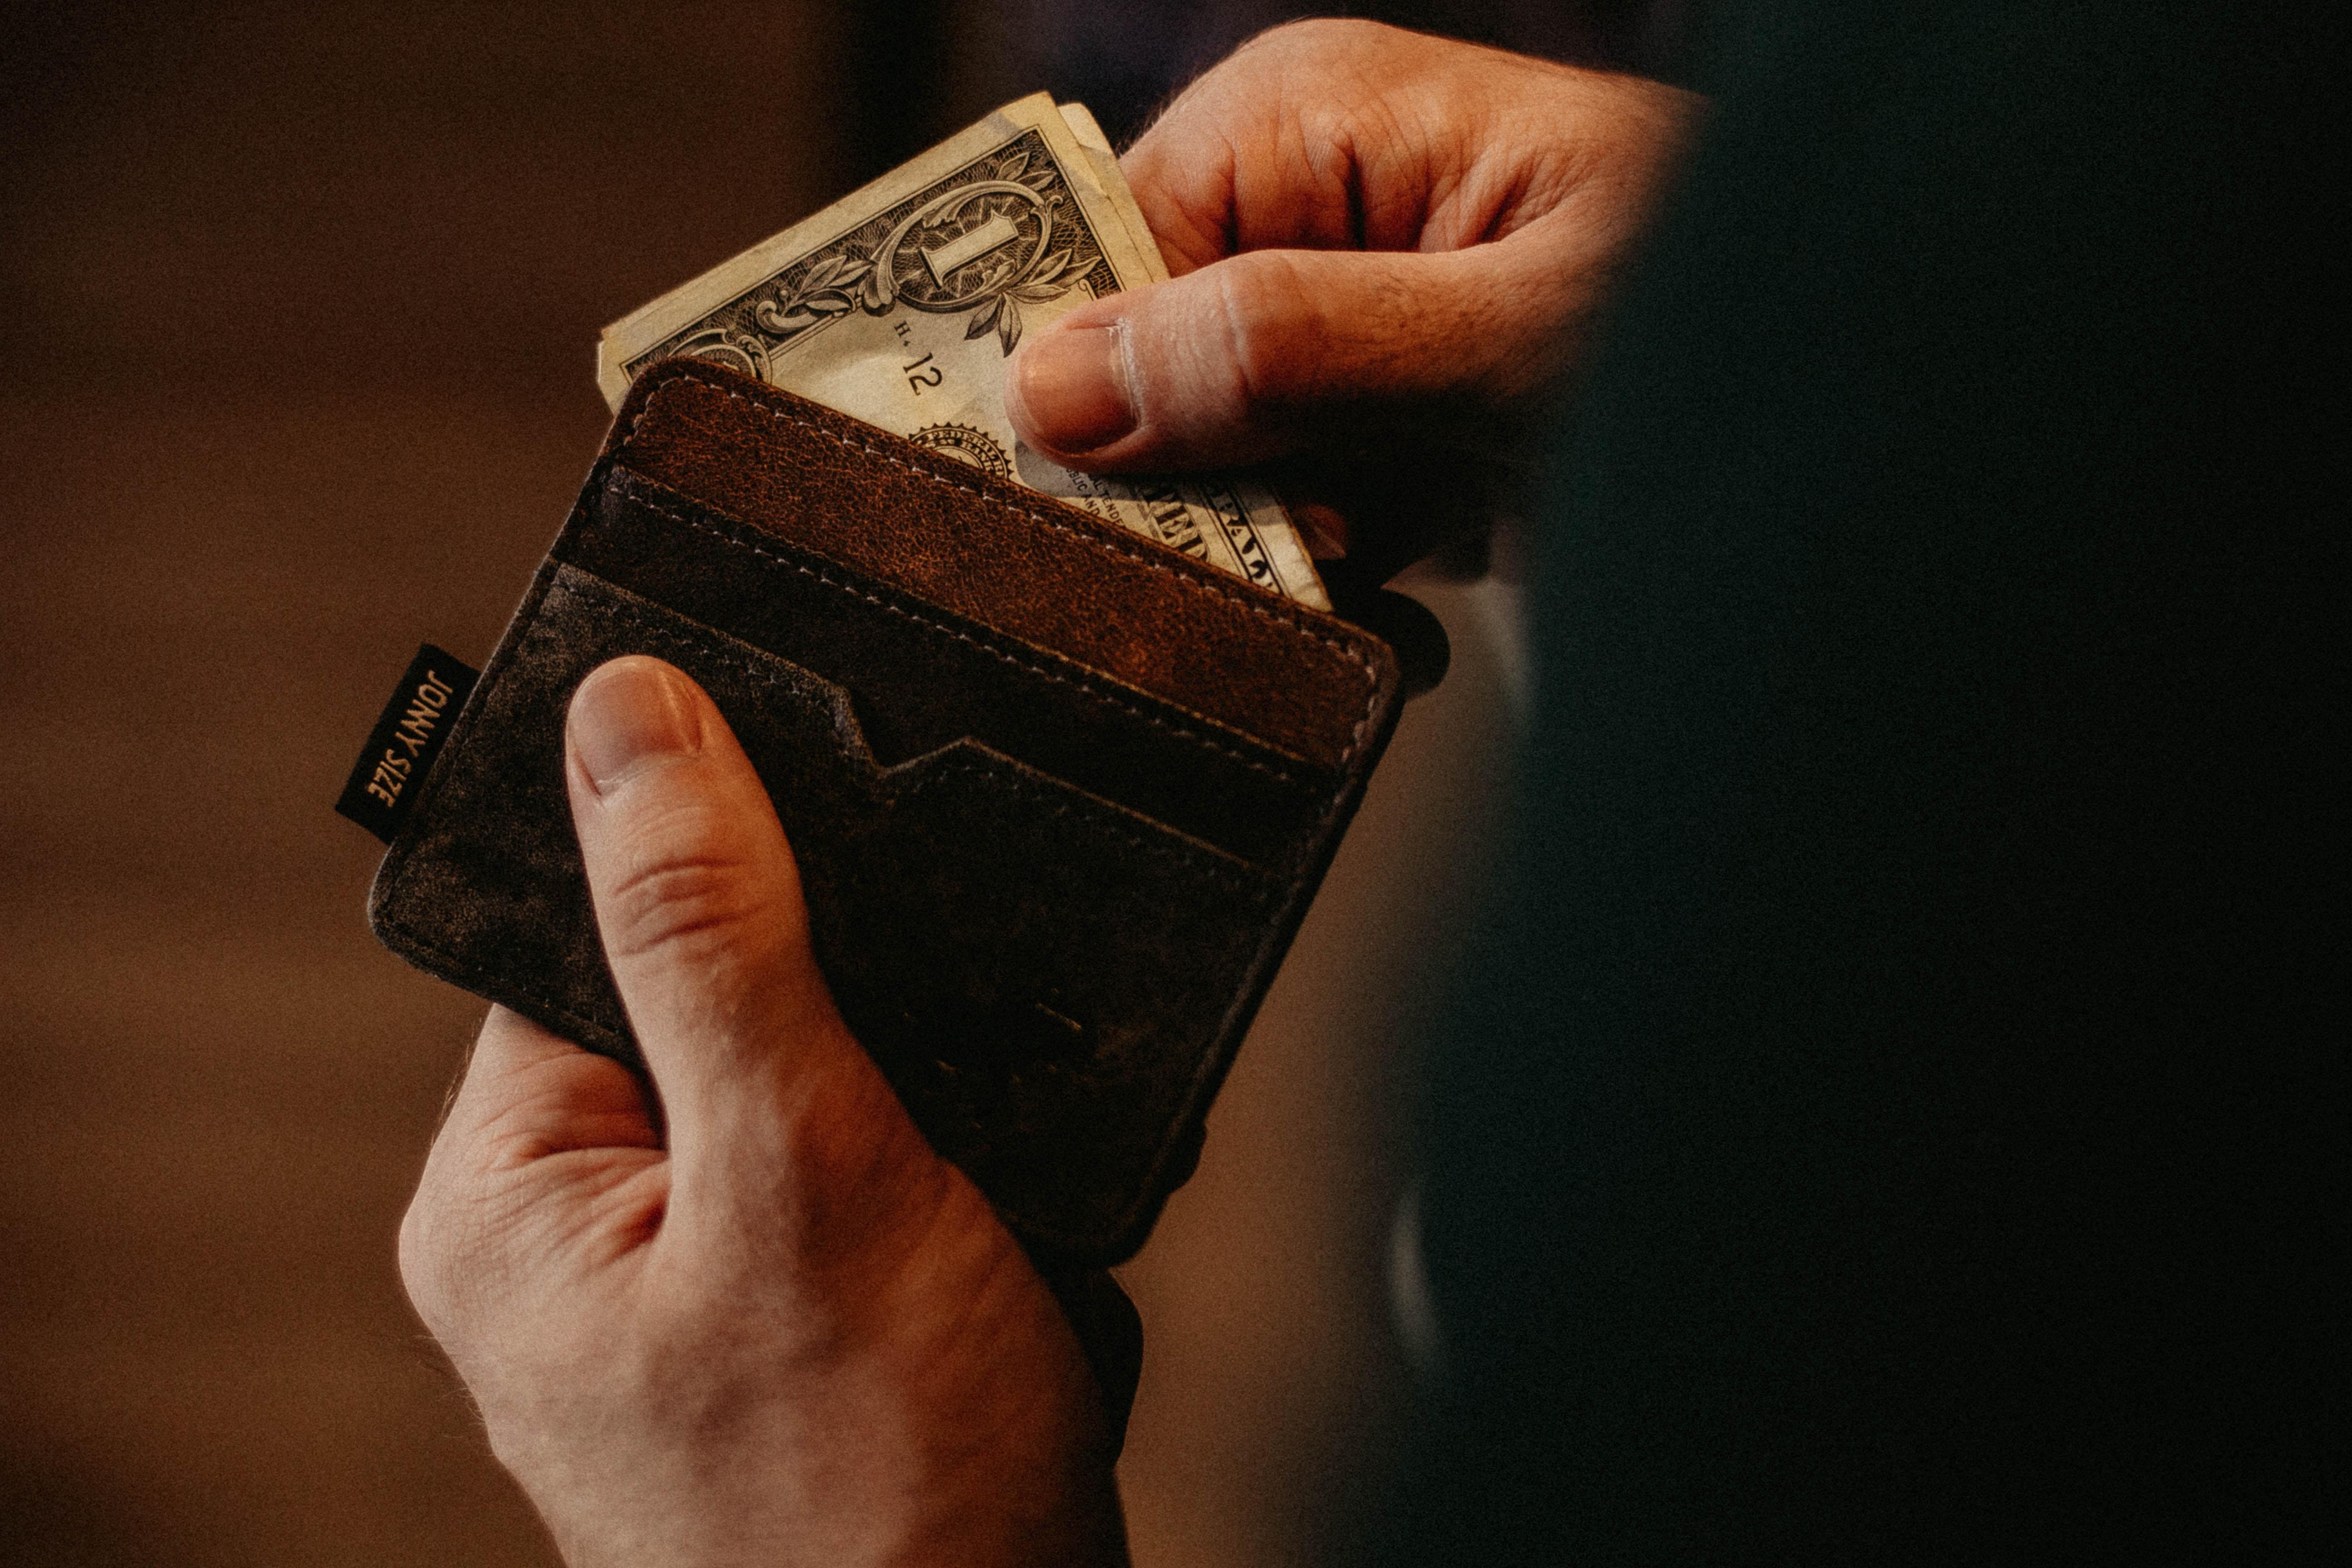 wallet with money - allef-vinicius-468838-unsplash